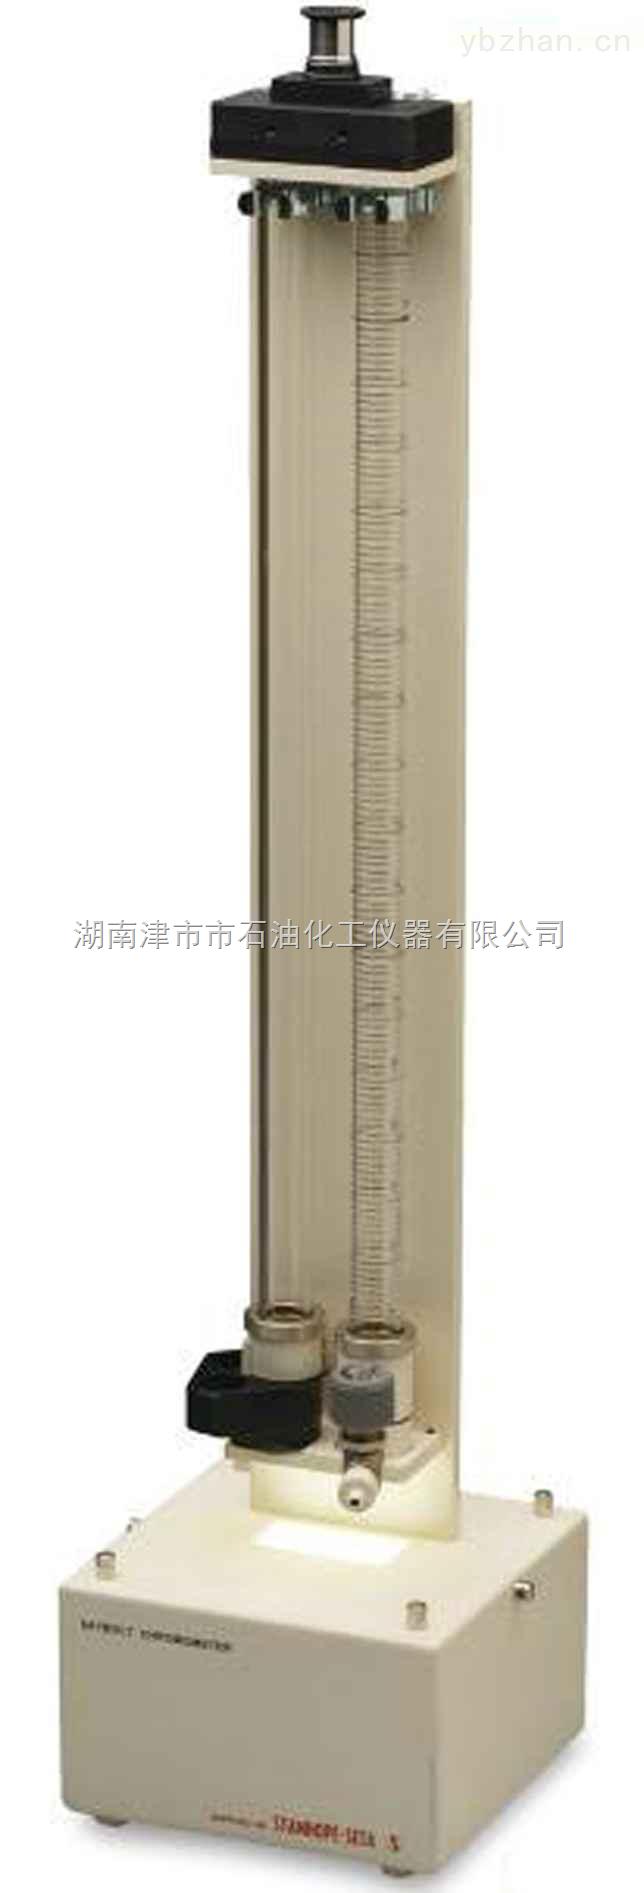 JSR4701-石油產品賽波特顏色測定器(賽波特比色計法)